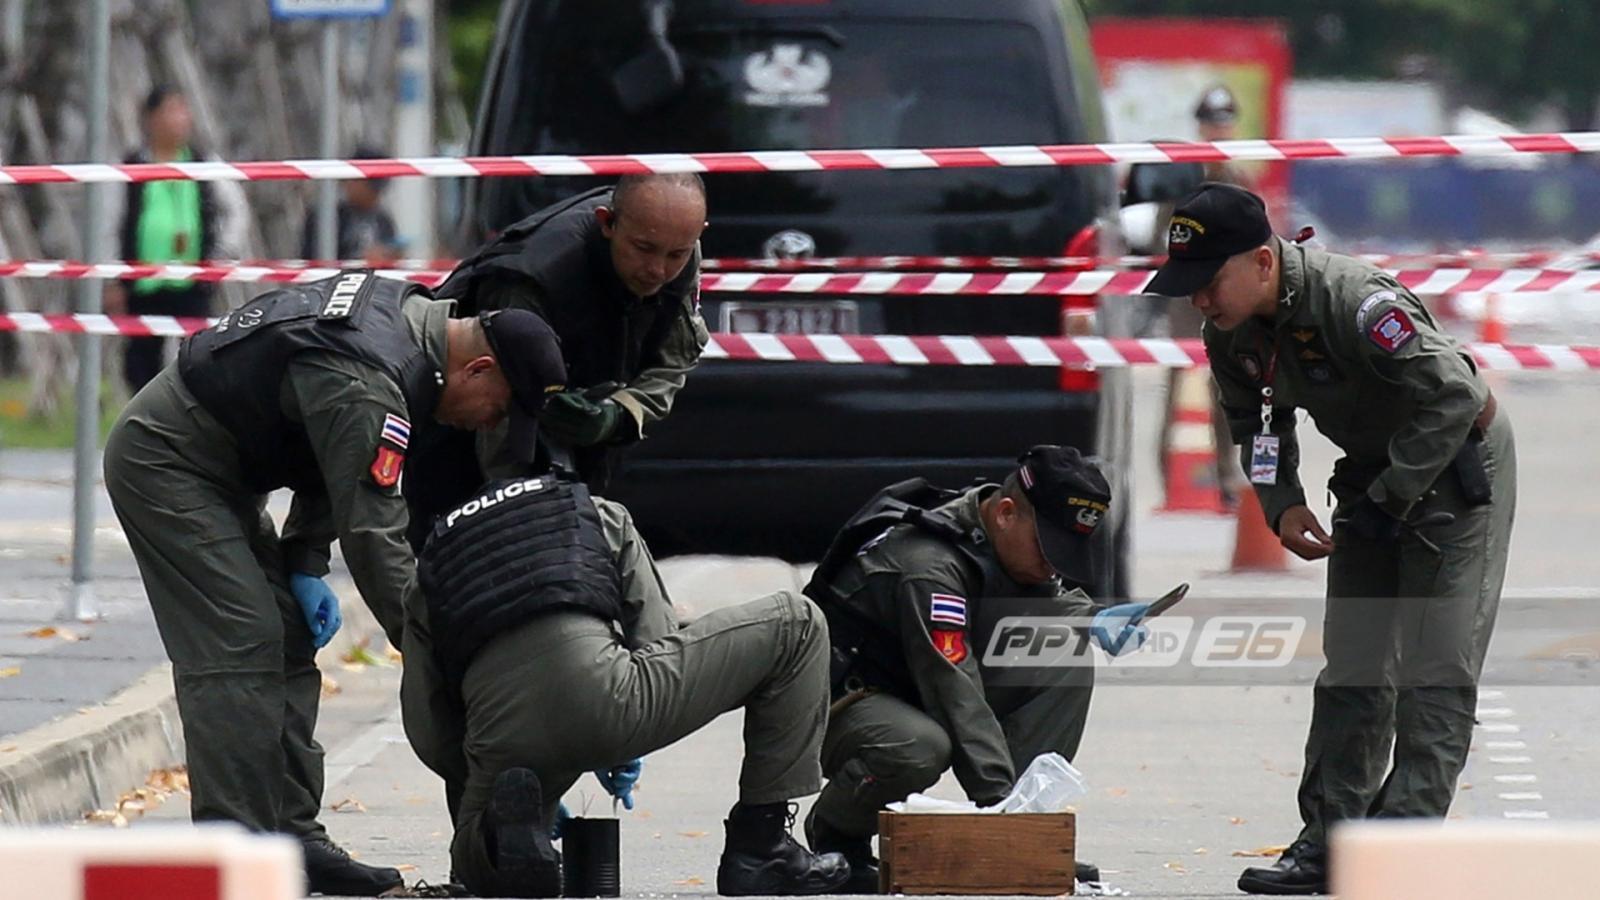 สรุป ระเบิดศูนย์ราชการ – กองทัพไทย  4 ลูก  กู้ได้ 1 ลูก